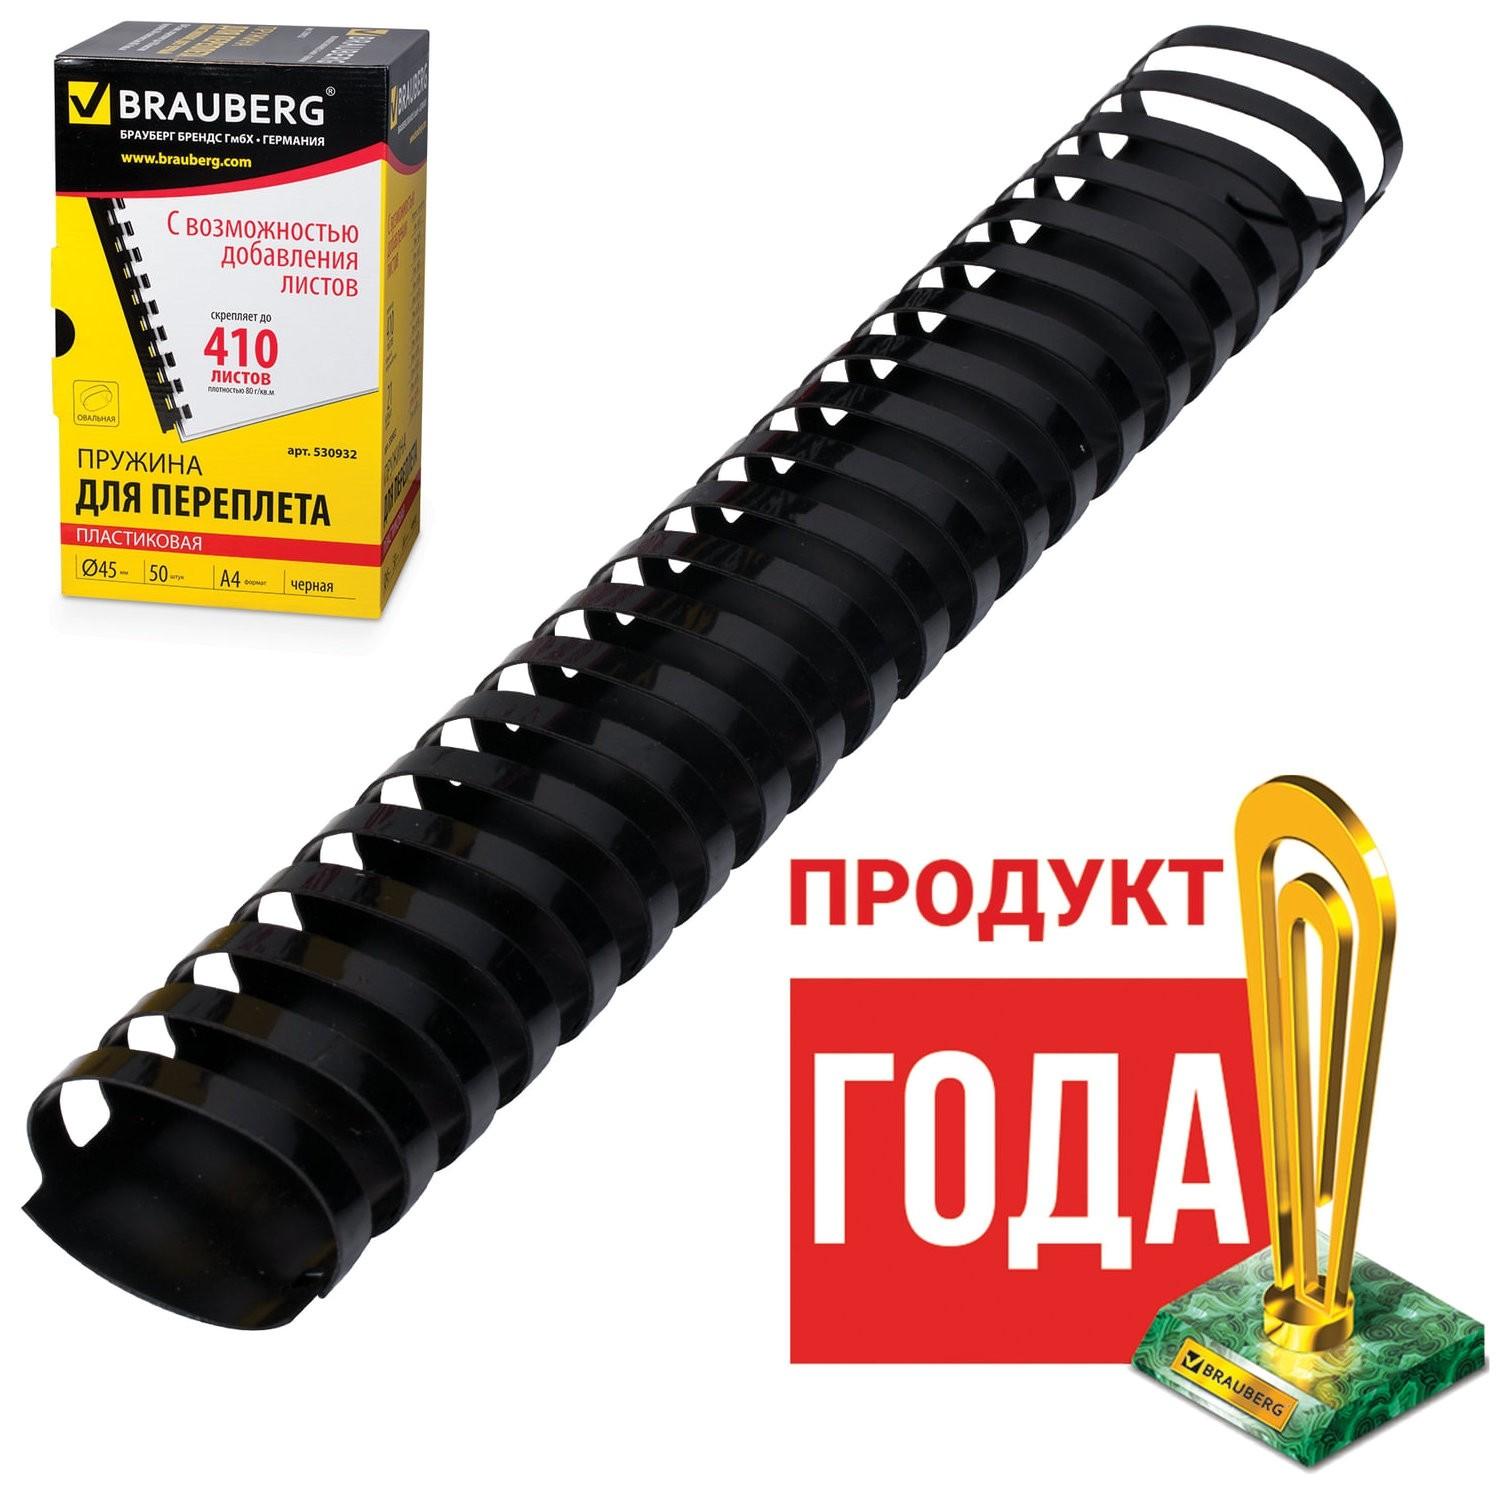 Пружины пластиковые для переплета, комплект 50 шт., 45 мм (для сшивания 341-410 листов), черные, Brauberg Brauberg